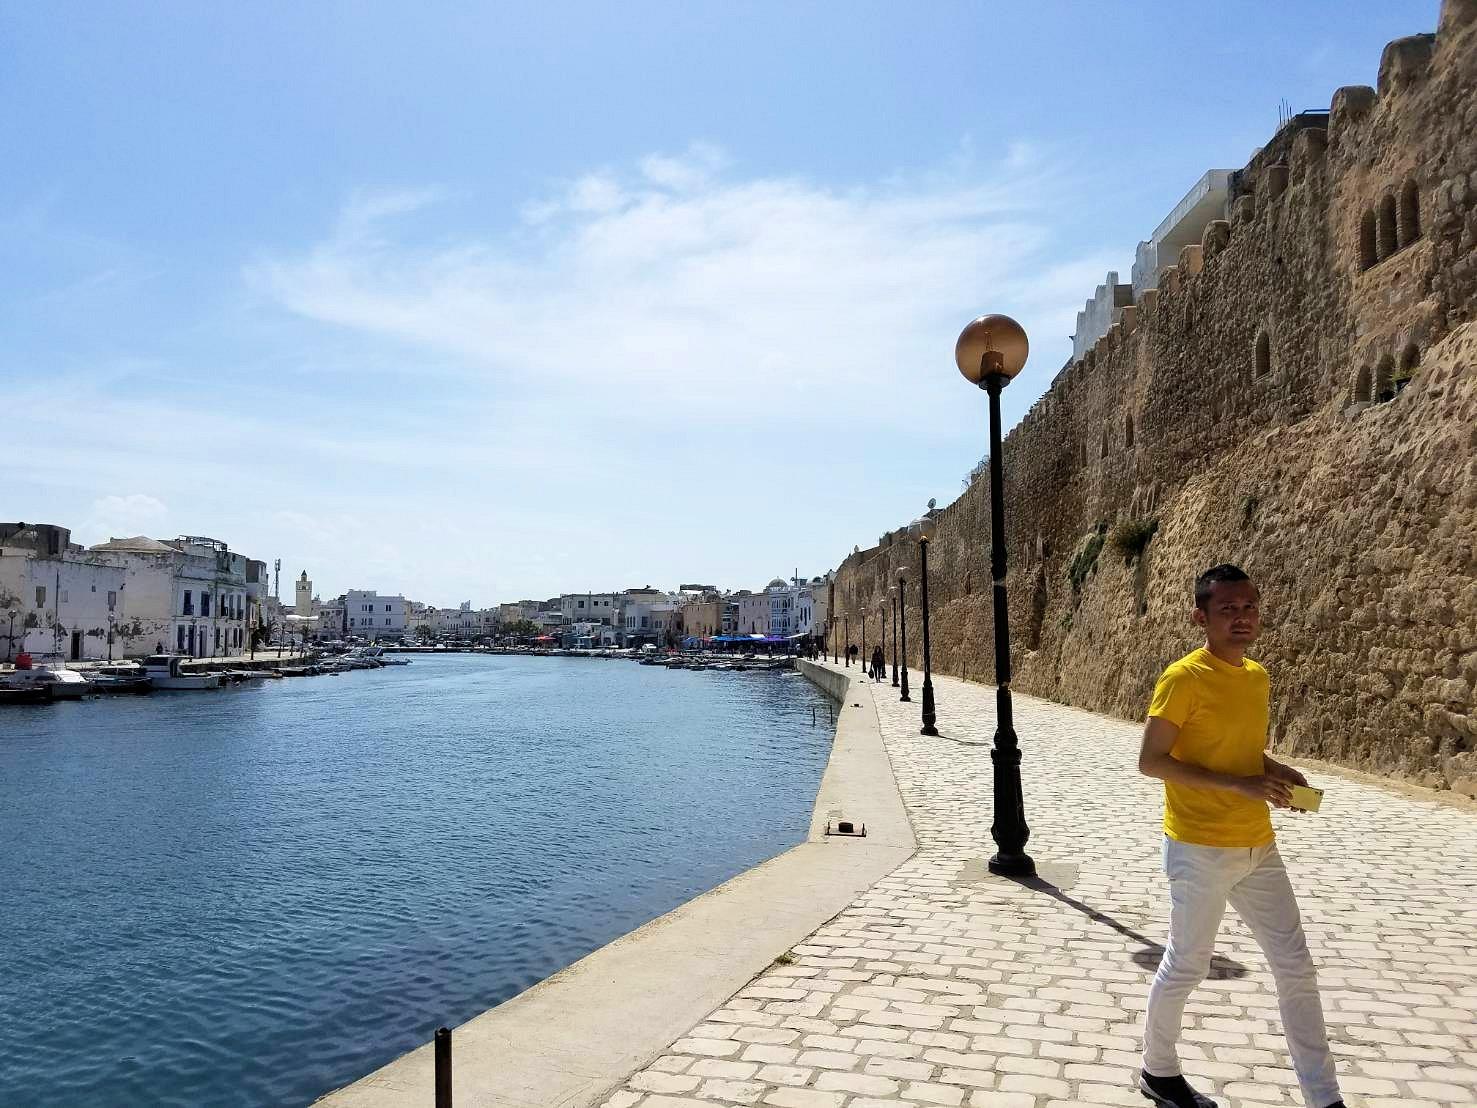 チュニジア:ビゼルトの街のカスバの城壁付近で4